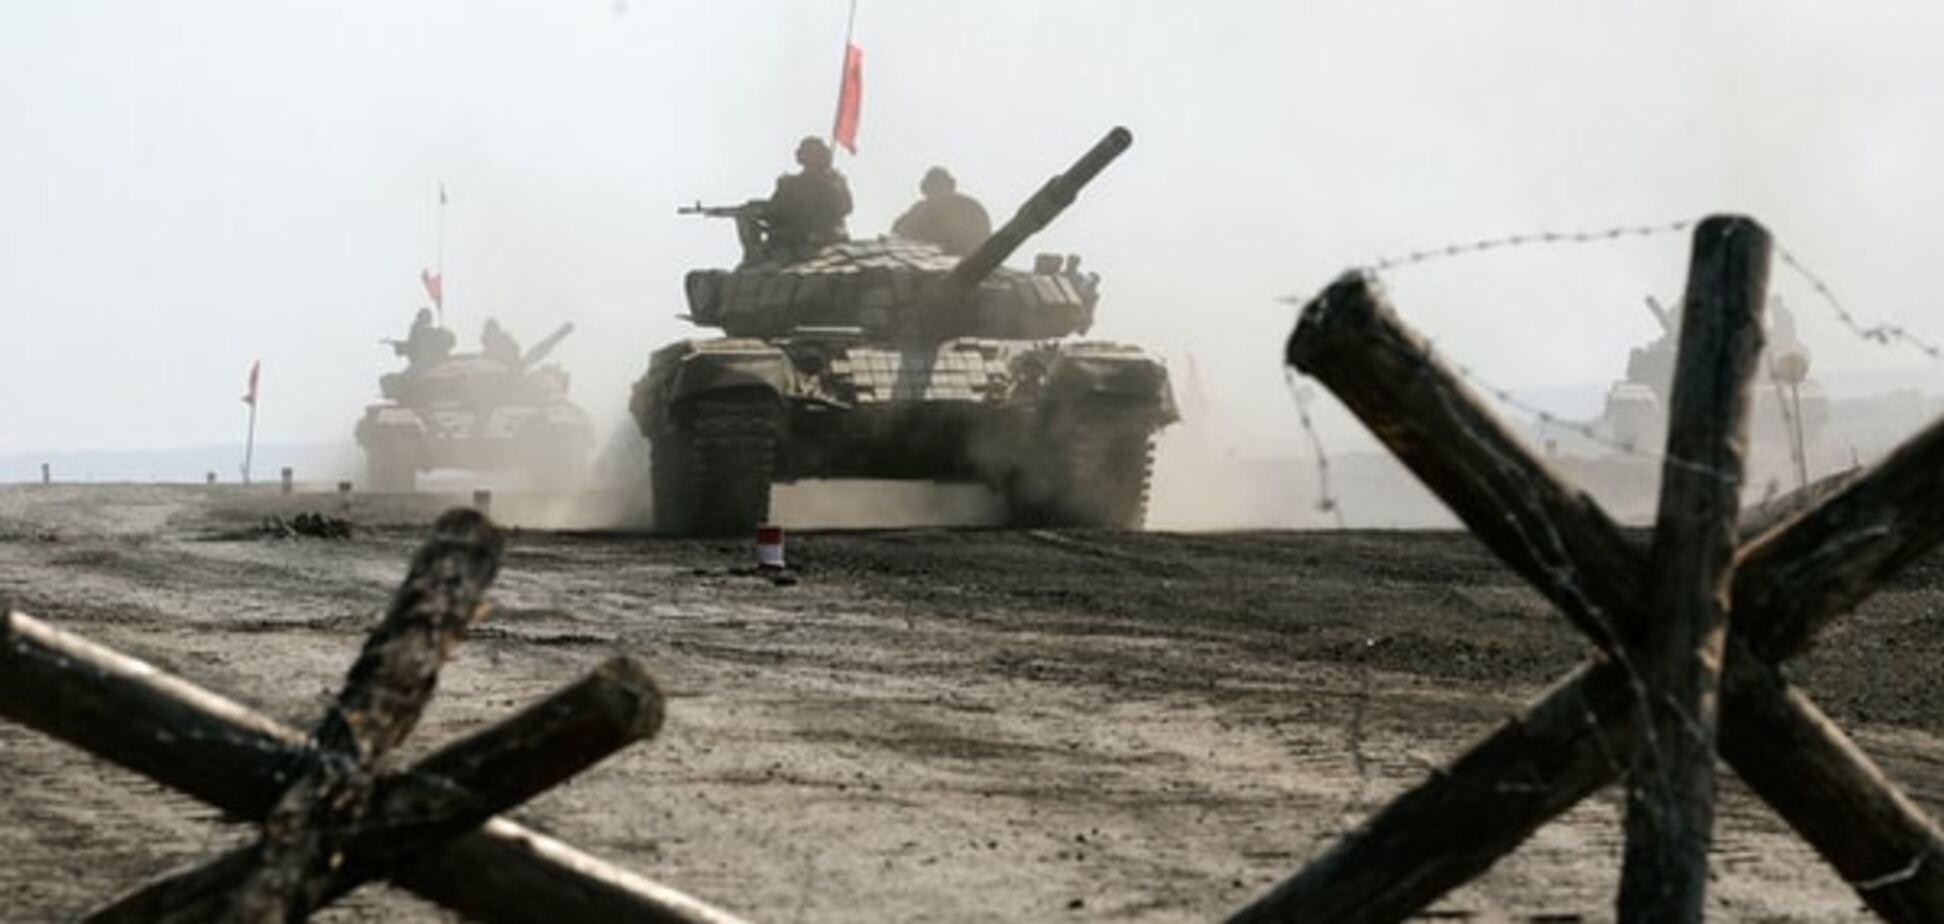 Бої в Донецьку: терористи зі зброєю почали ділити сфери впливу